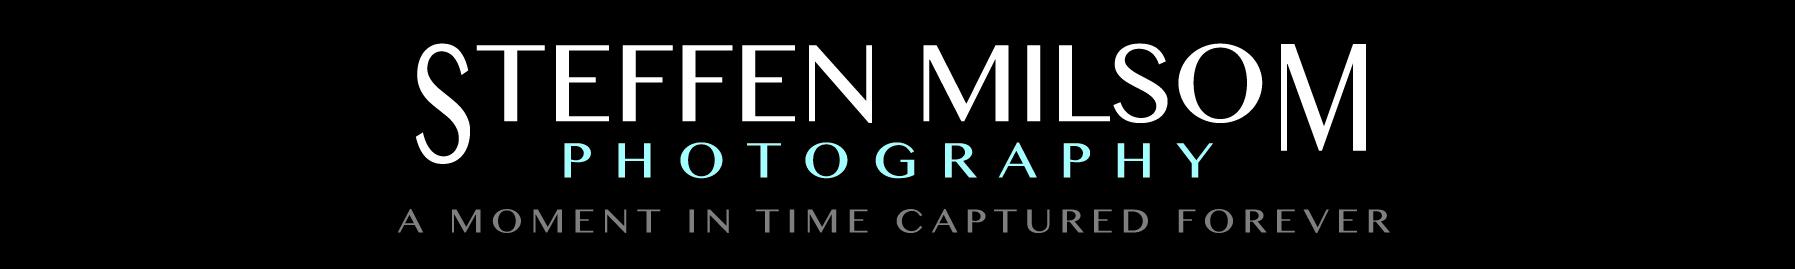 Steffen Milsom Photography